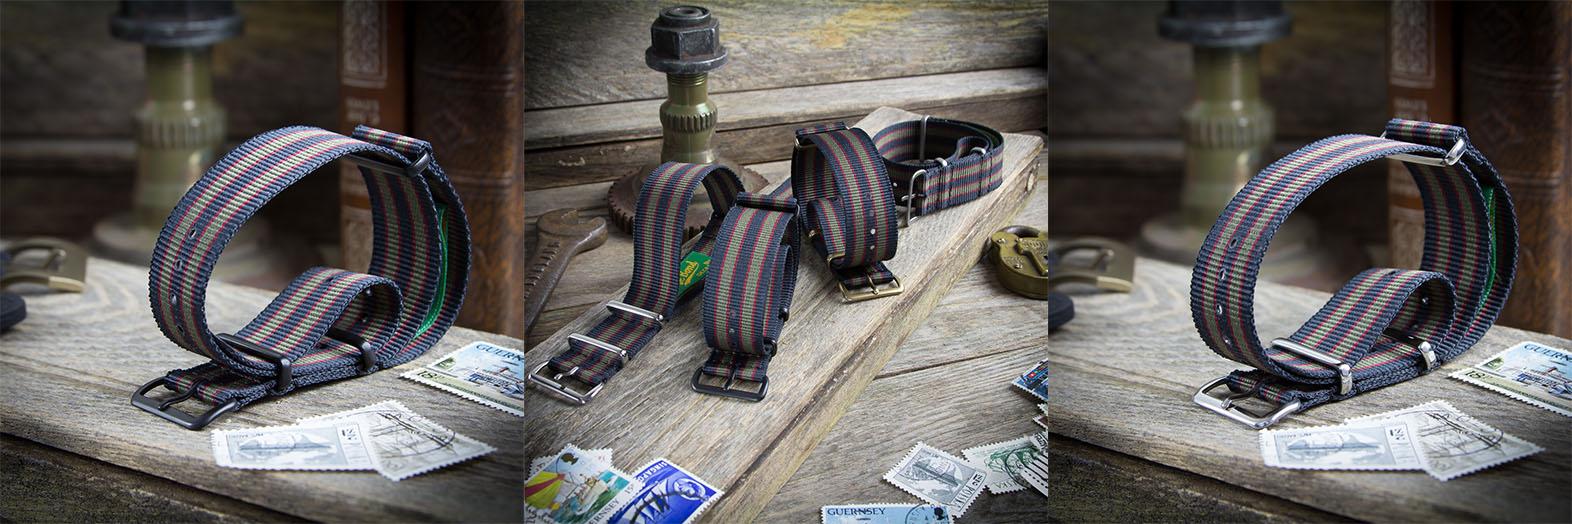 Name:  WatchGecko Vintage Bond Watch Strap 001.jpg Views: 812 Size:  232.1 KB